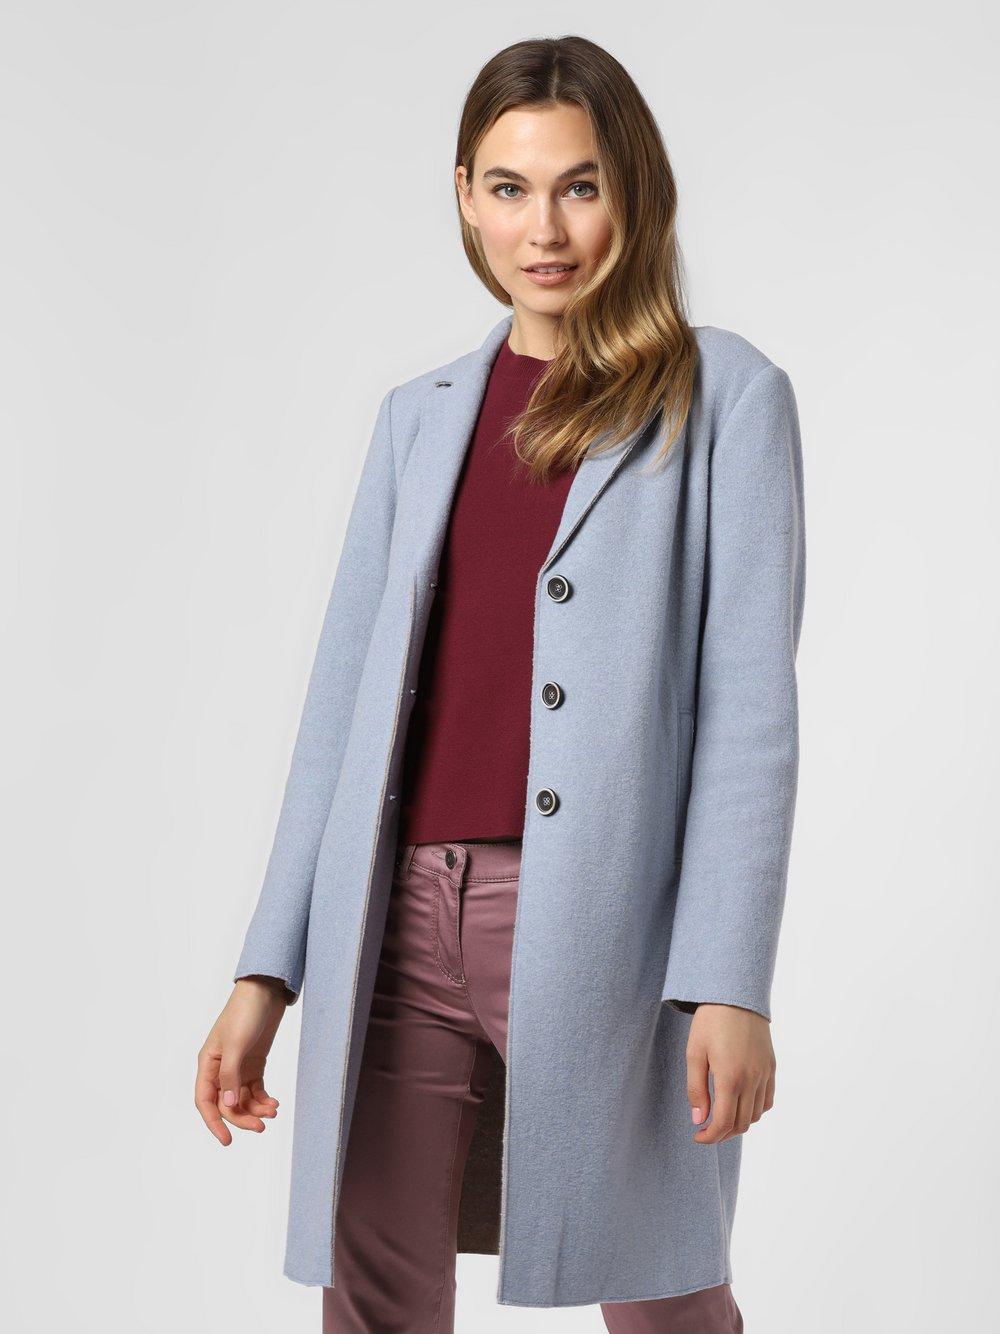 Rofa – Płaszcz damski, niebieski Van Graaf 488916-0001-00360